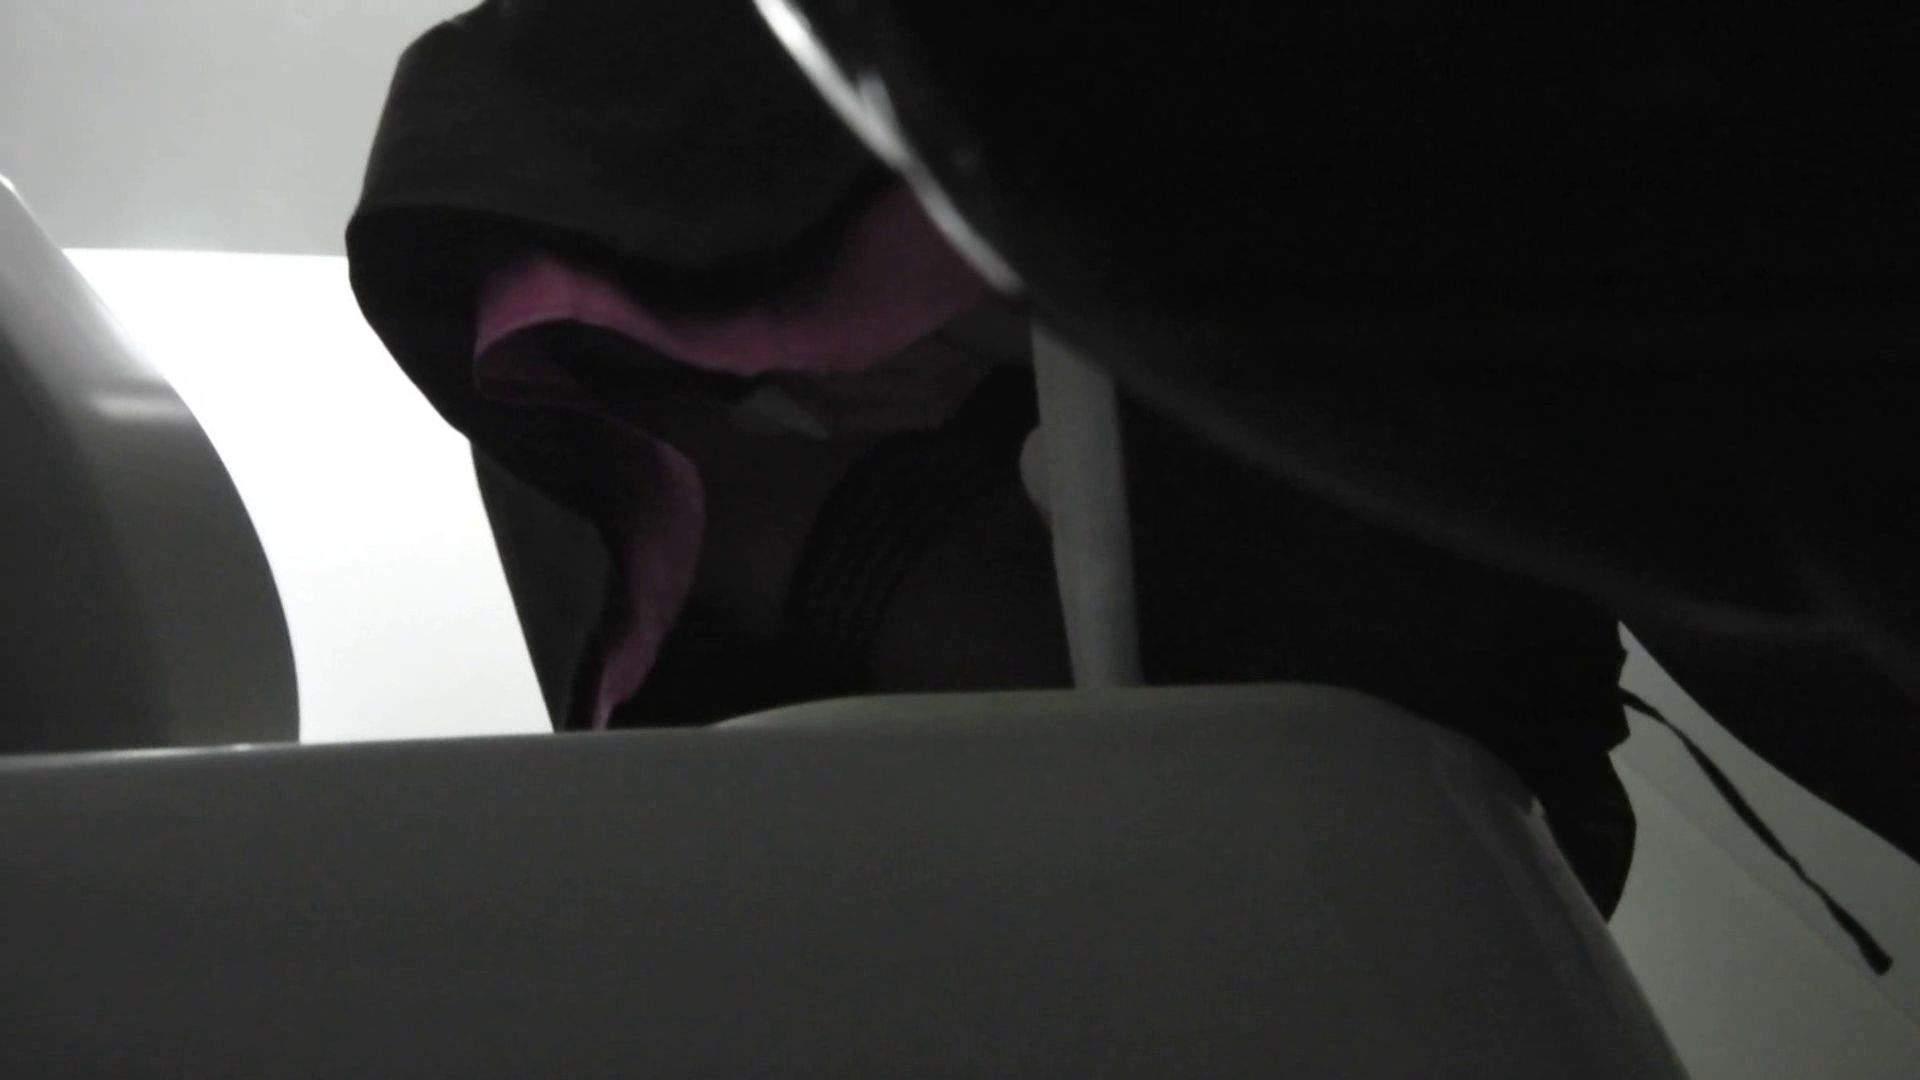 【日本成人用品展览会。超模如云】vol.01 着替 空爆 OLの実態  100pic 84